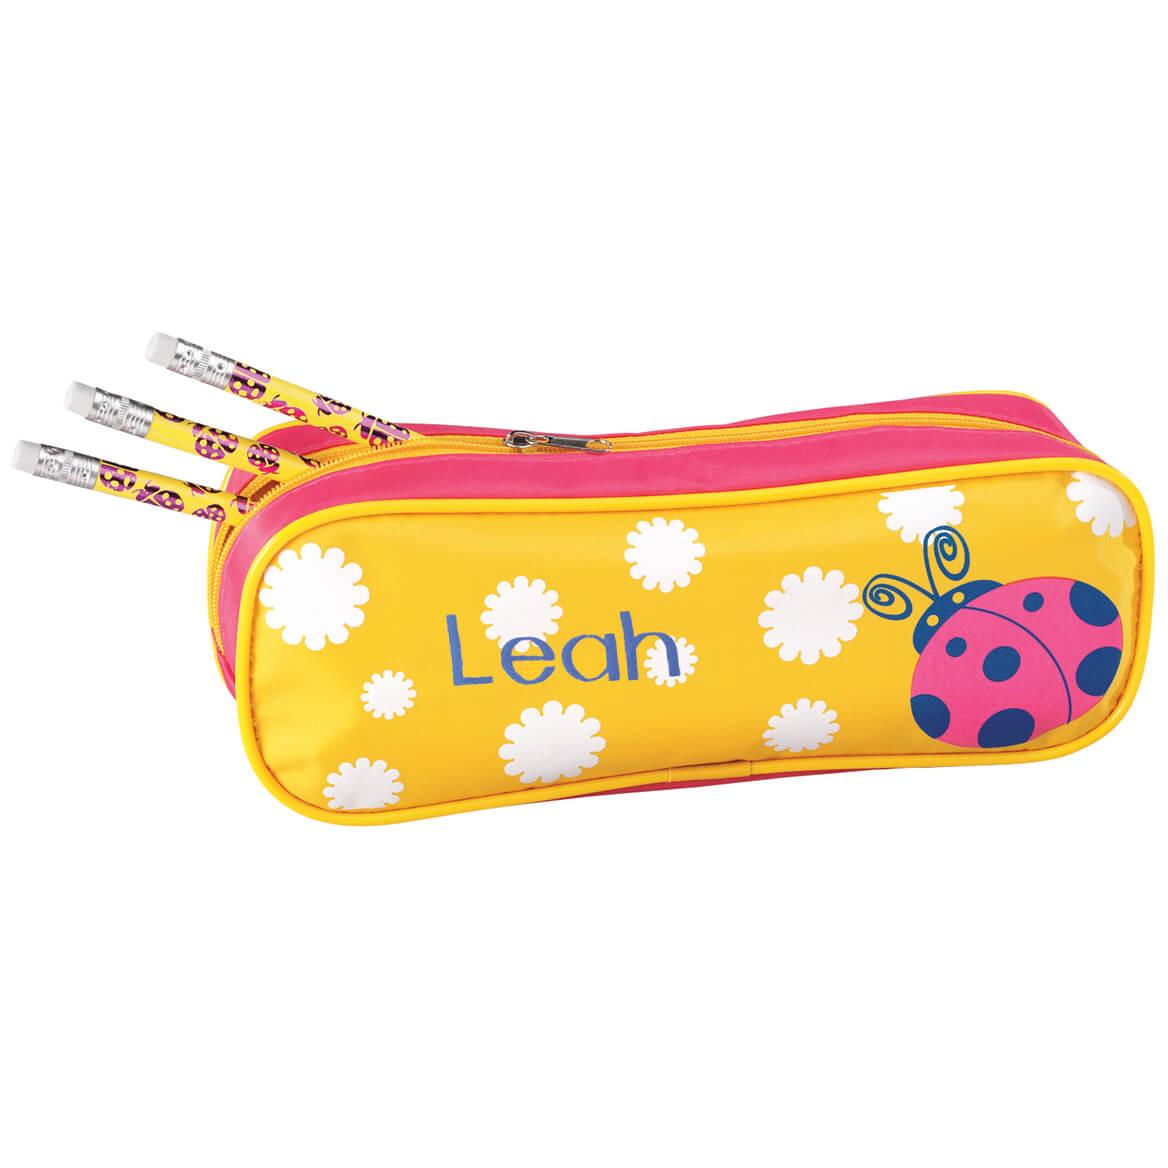 Personalized Ladybug Pencil Case Set Program-339163